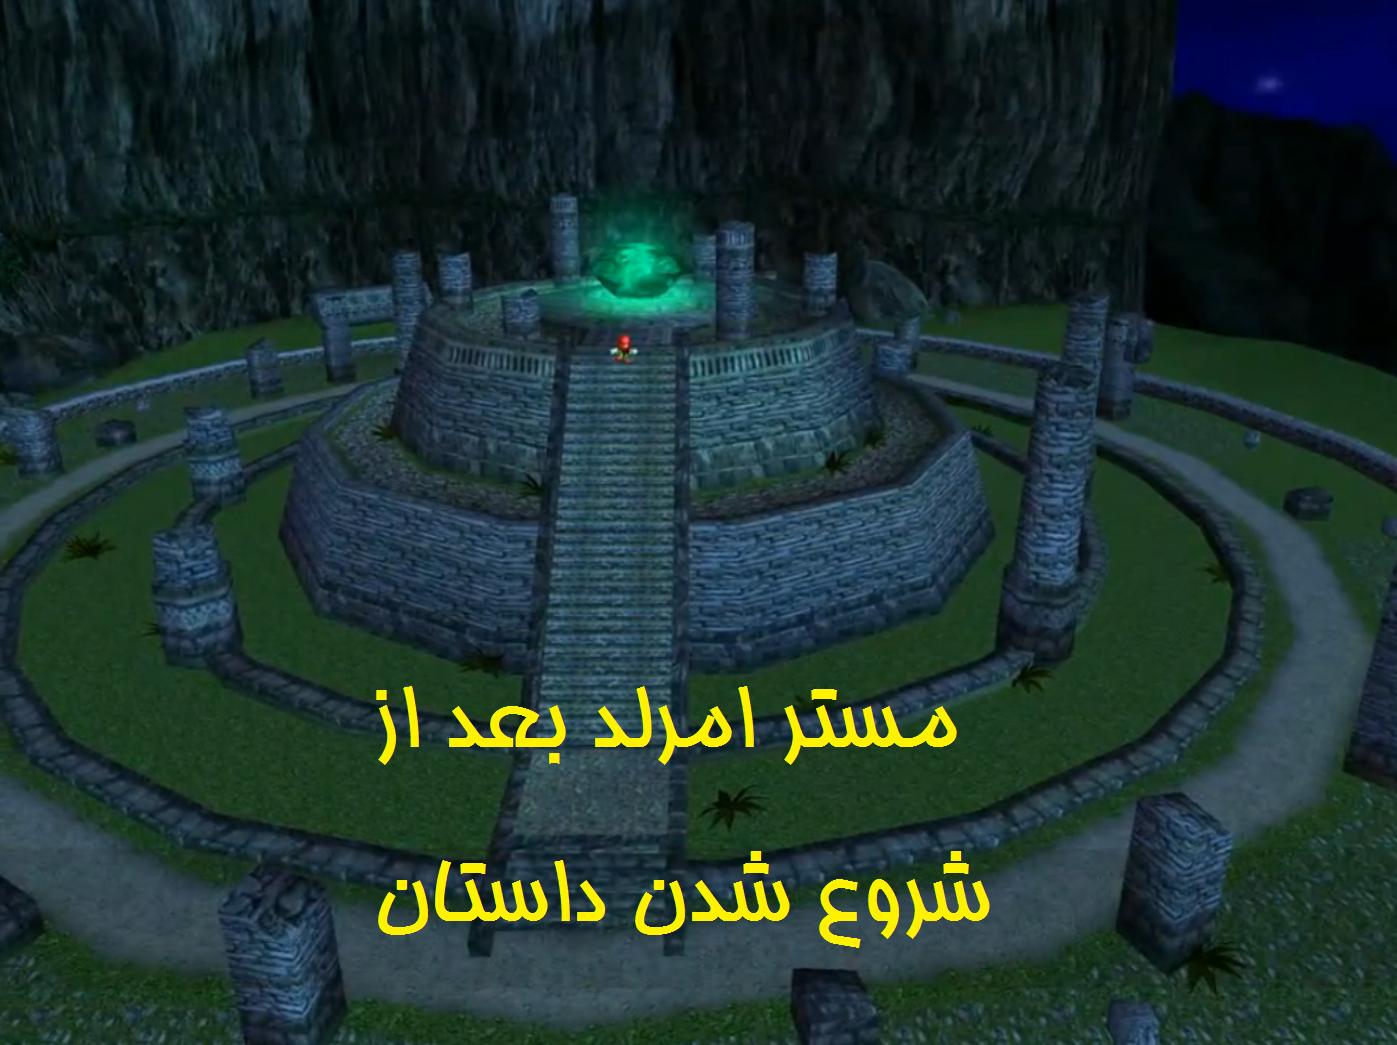 http://s8.picofile.com/file/8314620968/SA_Emerald_Alter.png